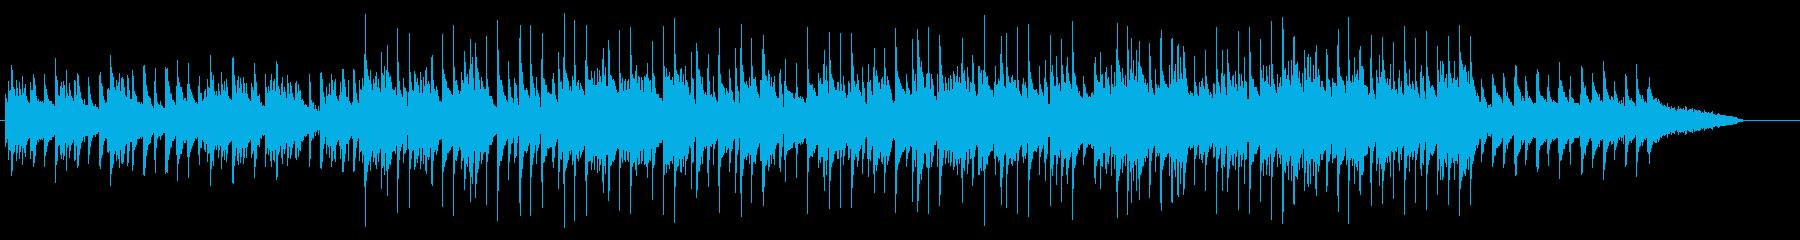 回顧録向けメロディアスなピアノ・バラードの再生済みの波形